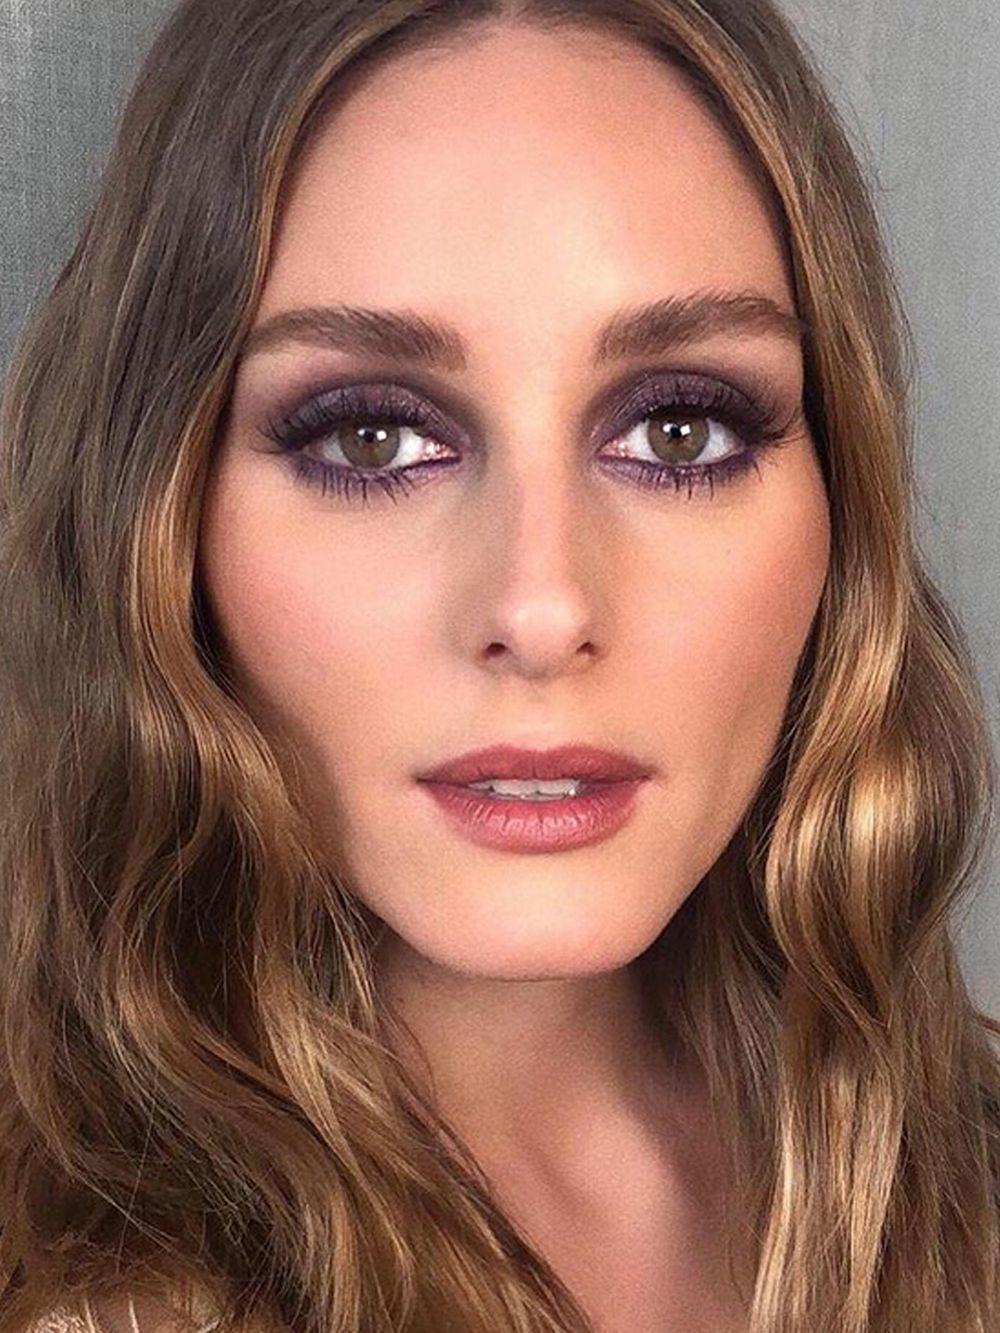 Olivia Palermo con su maquillaje de ojos en clave violeta y gris y cejas marcadas.